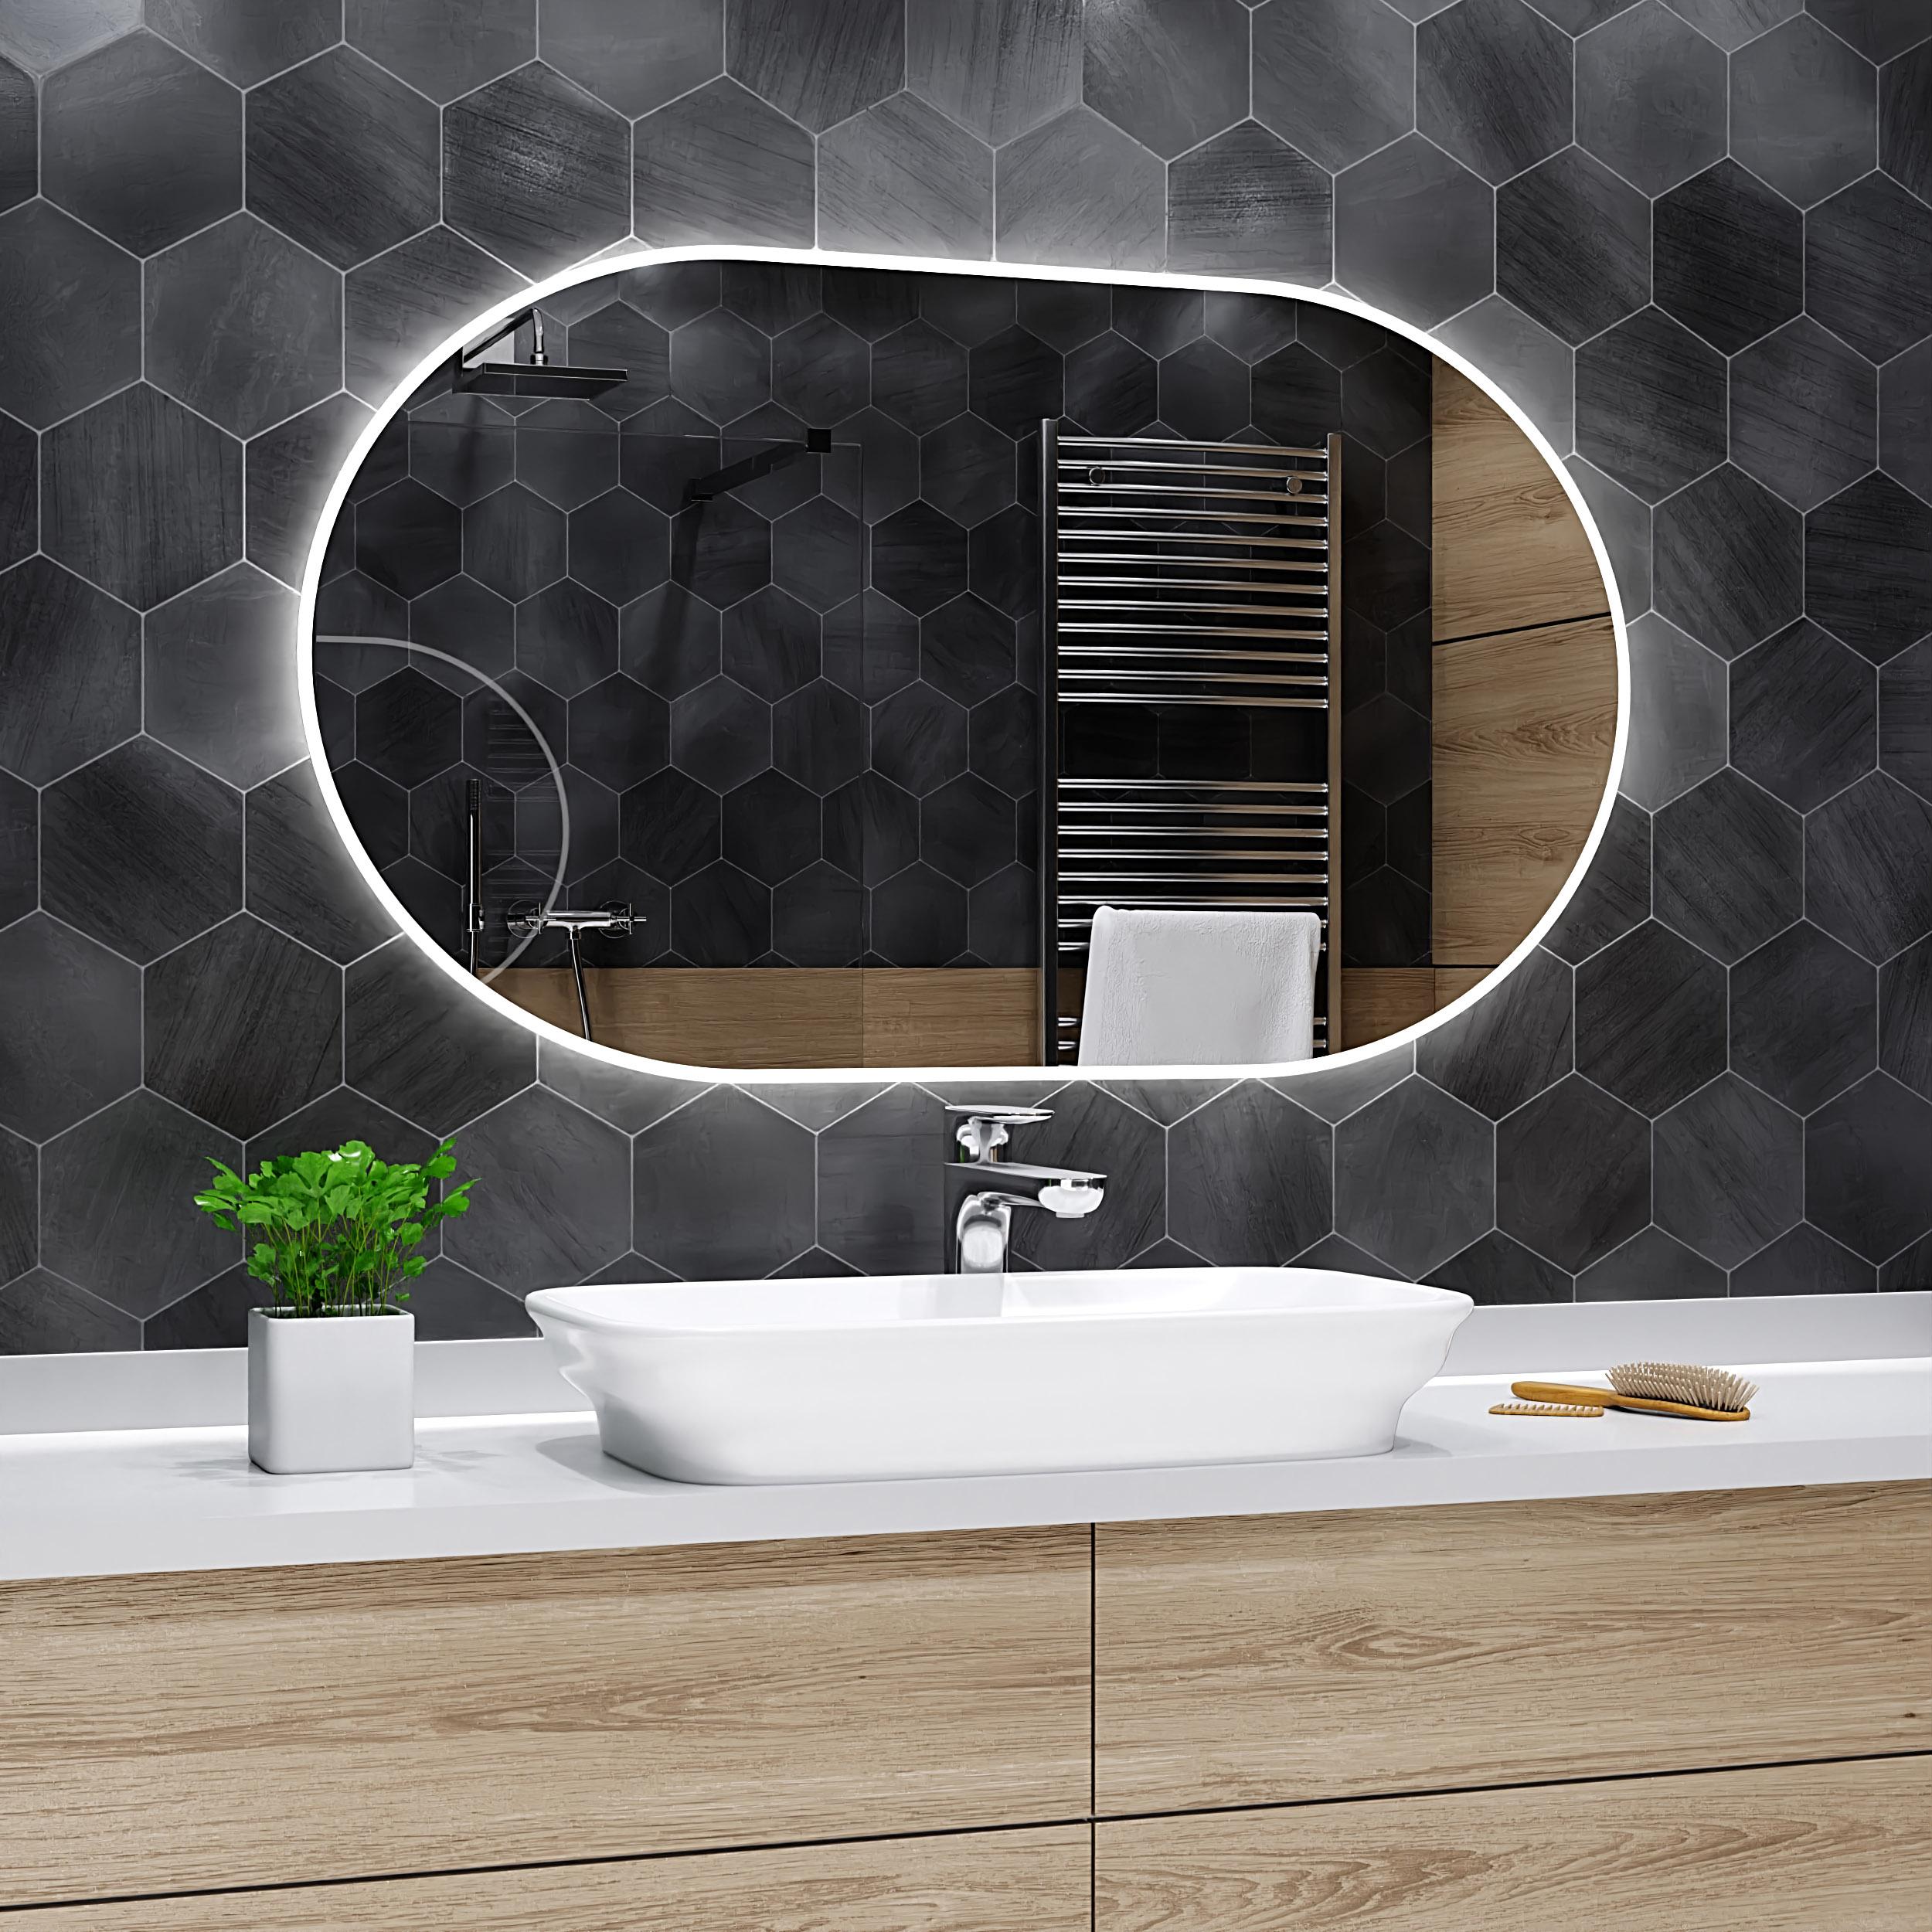 Led Bathroom Mirror Hamburg, Bathroom Mirrors Ikea Australia